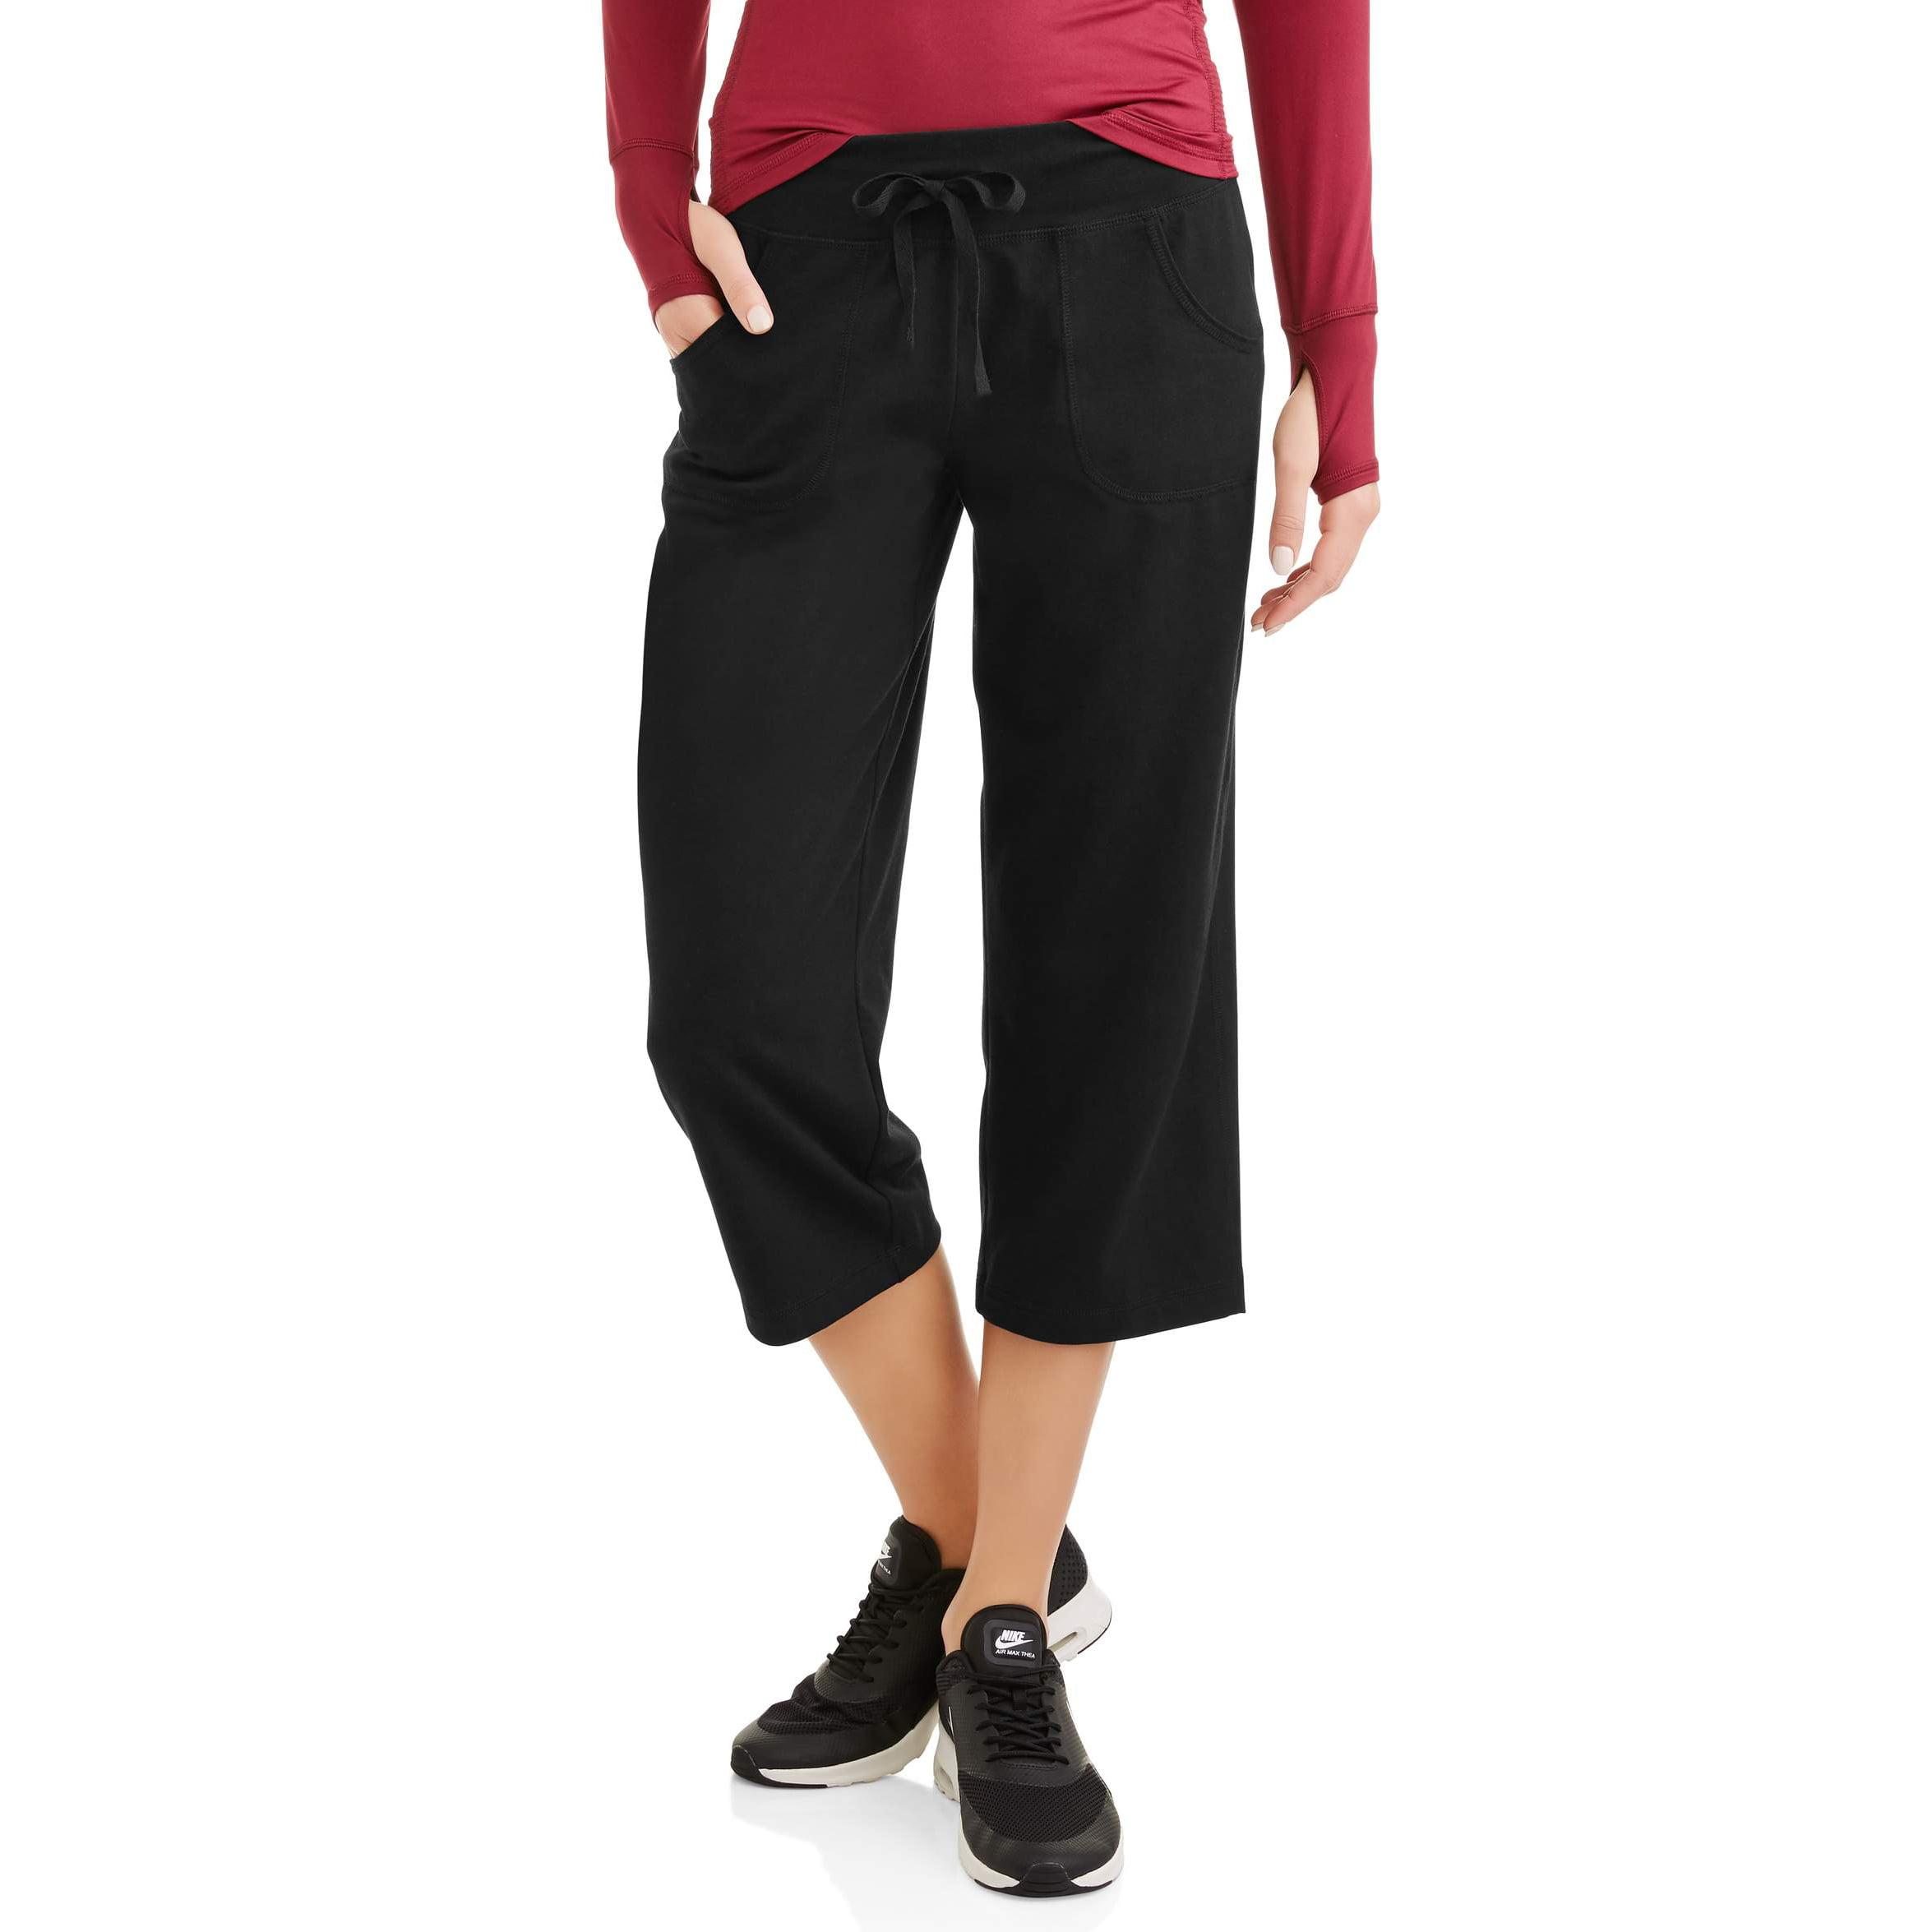 Women's Core Active Knit Capri